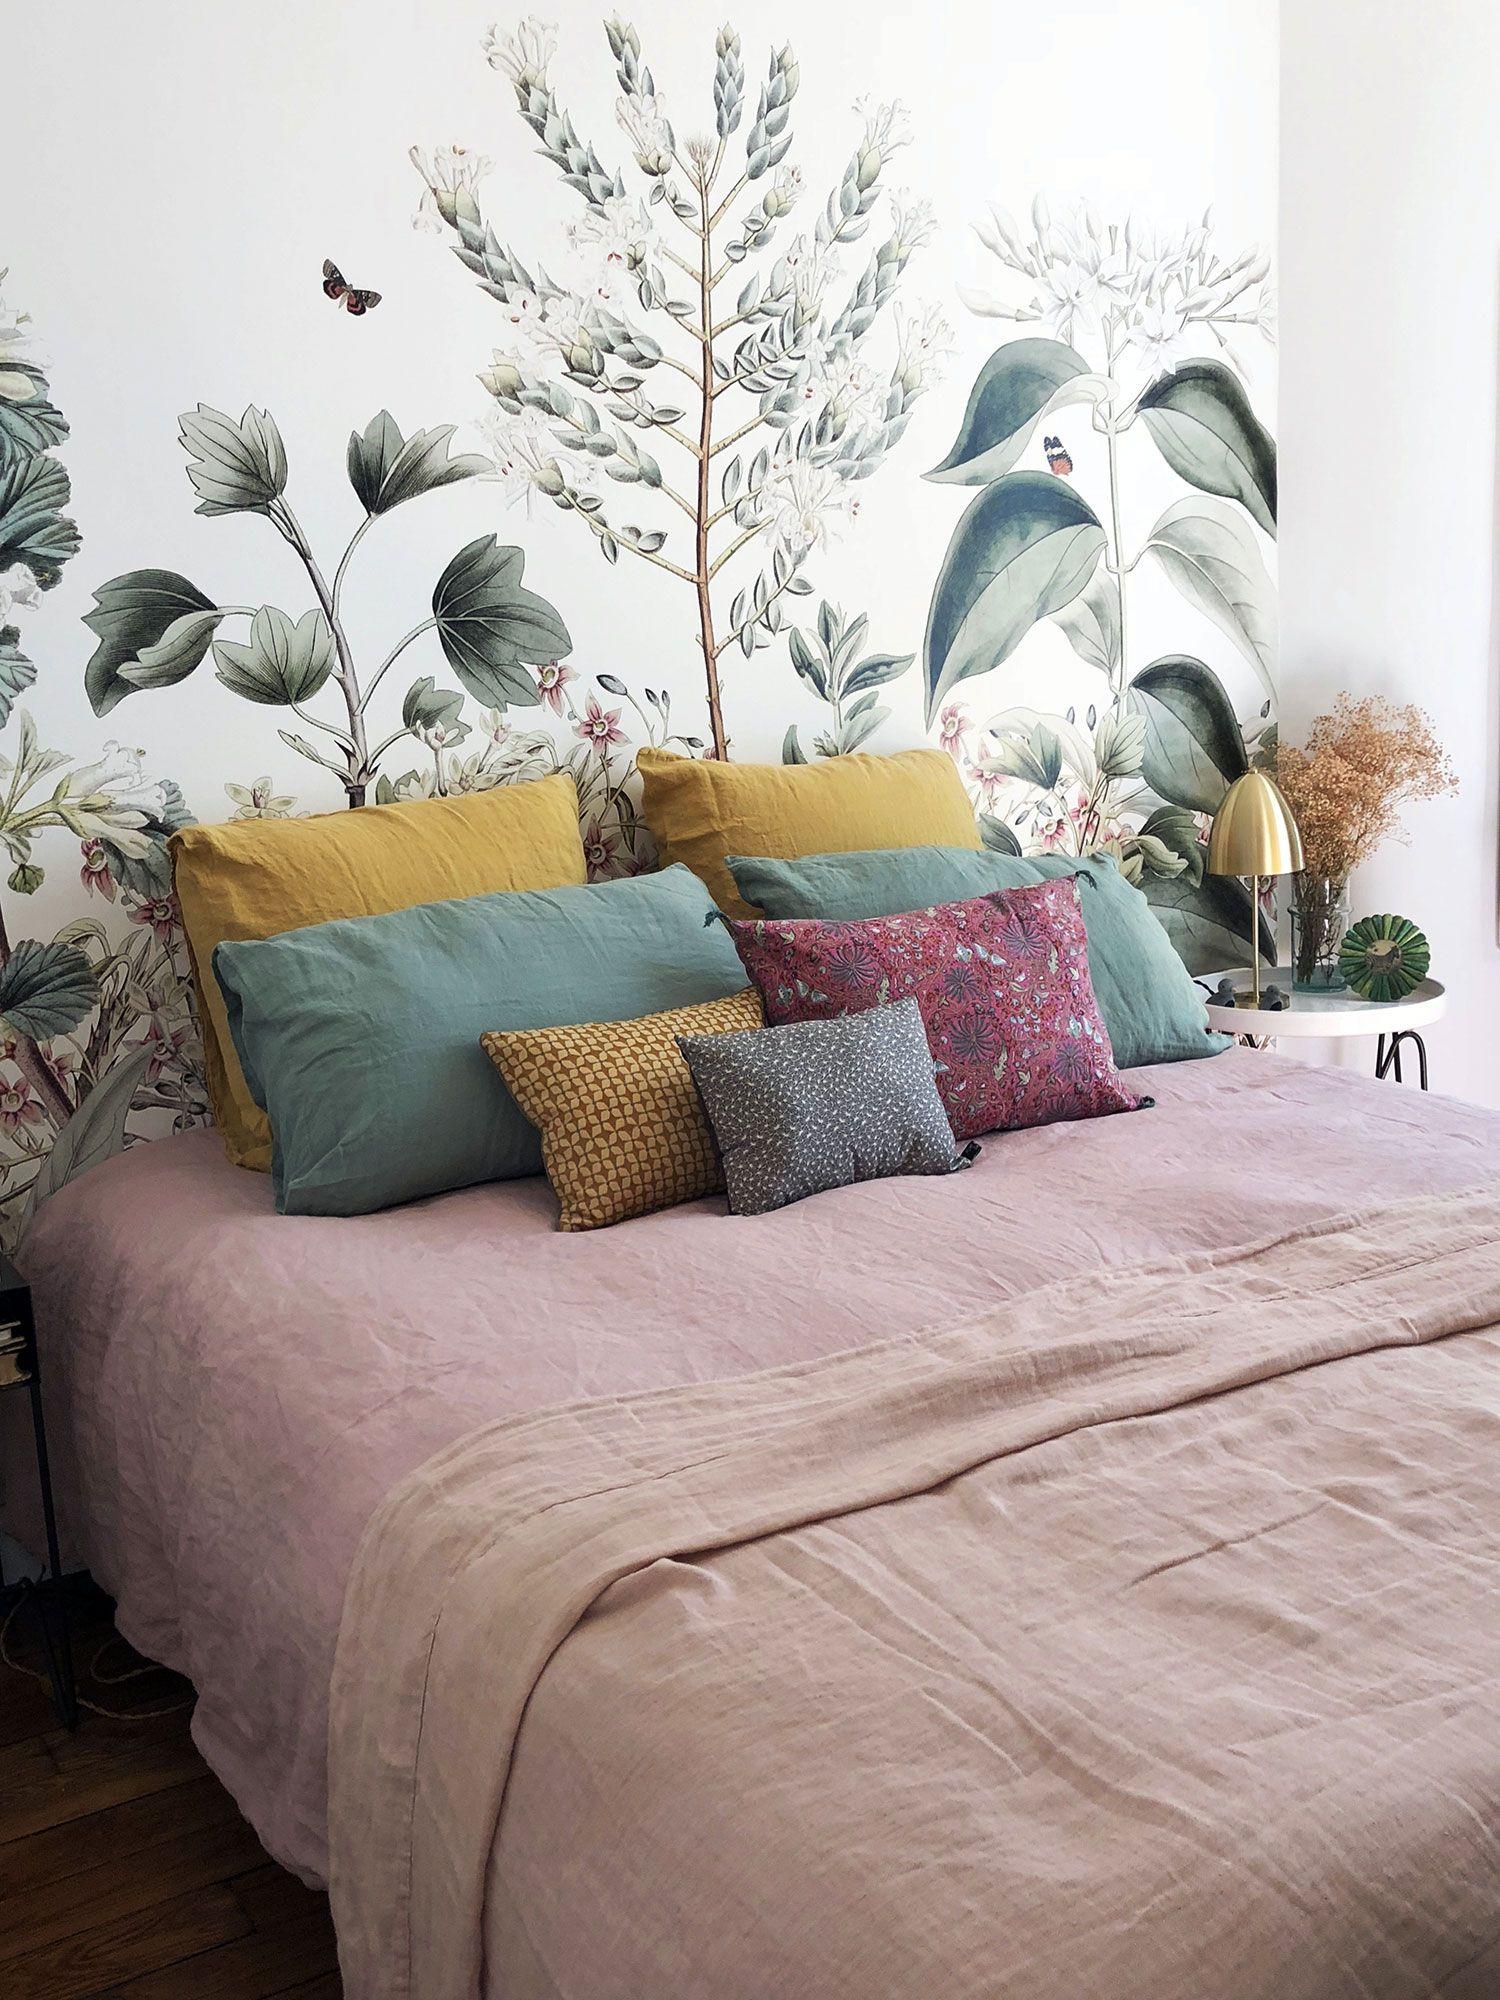 Notre d cor mural botanical garden et ses jolies plantes dans la chambre d 39 alexandra r d cor - Plante dans la chambre ...